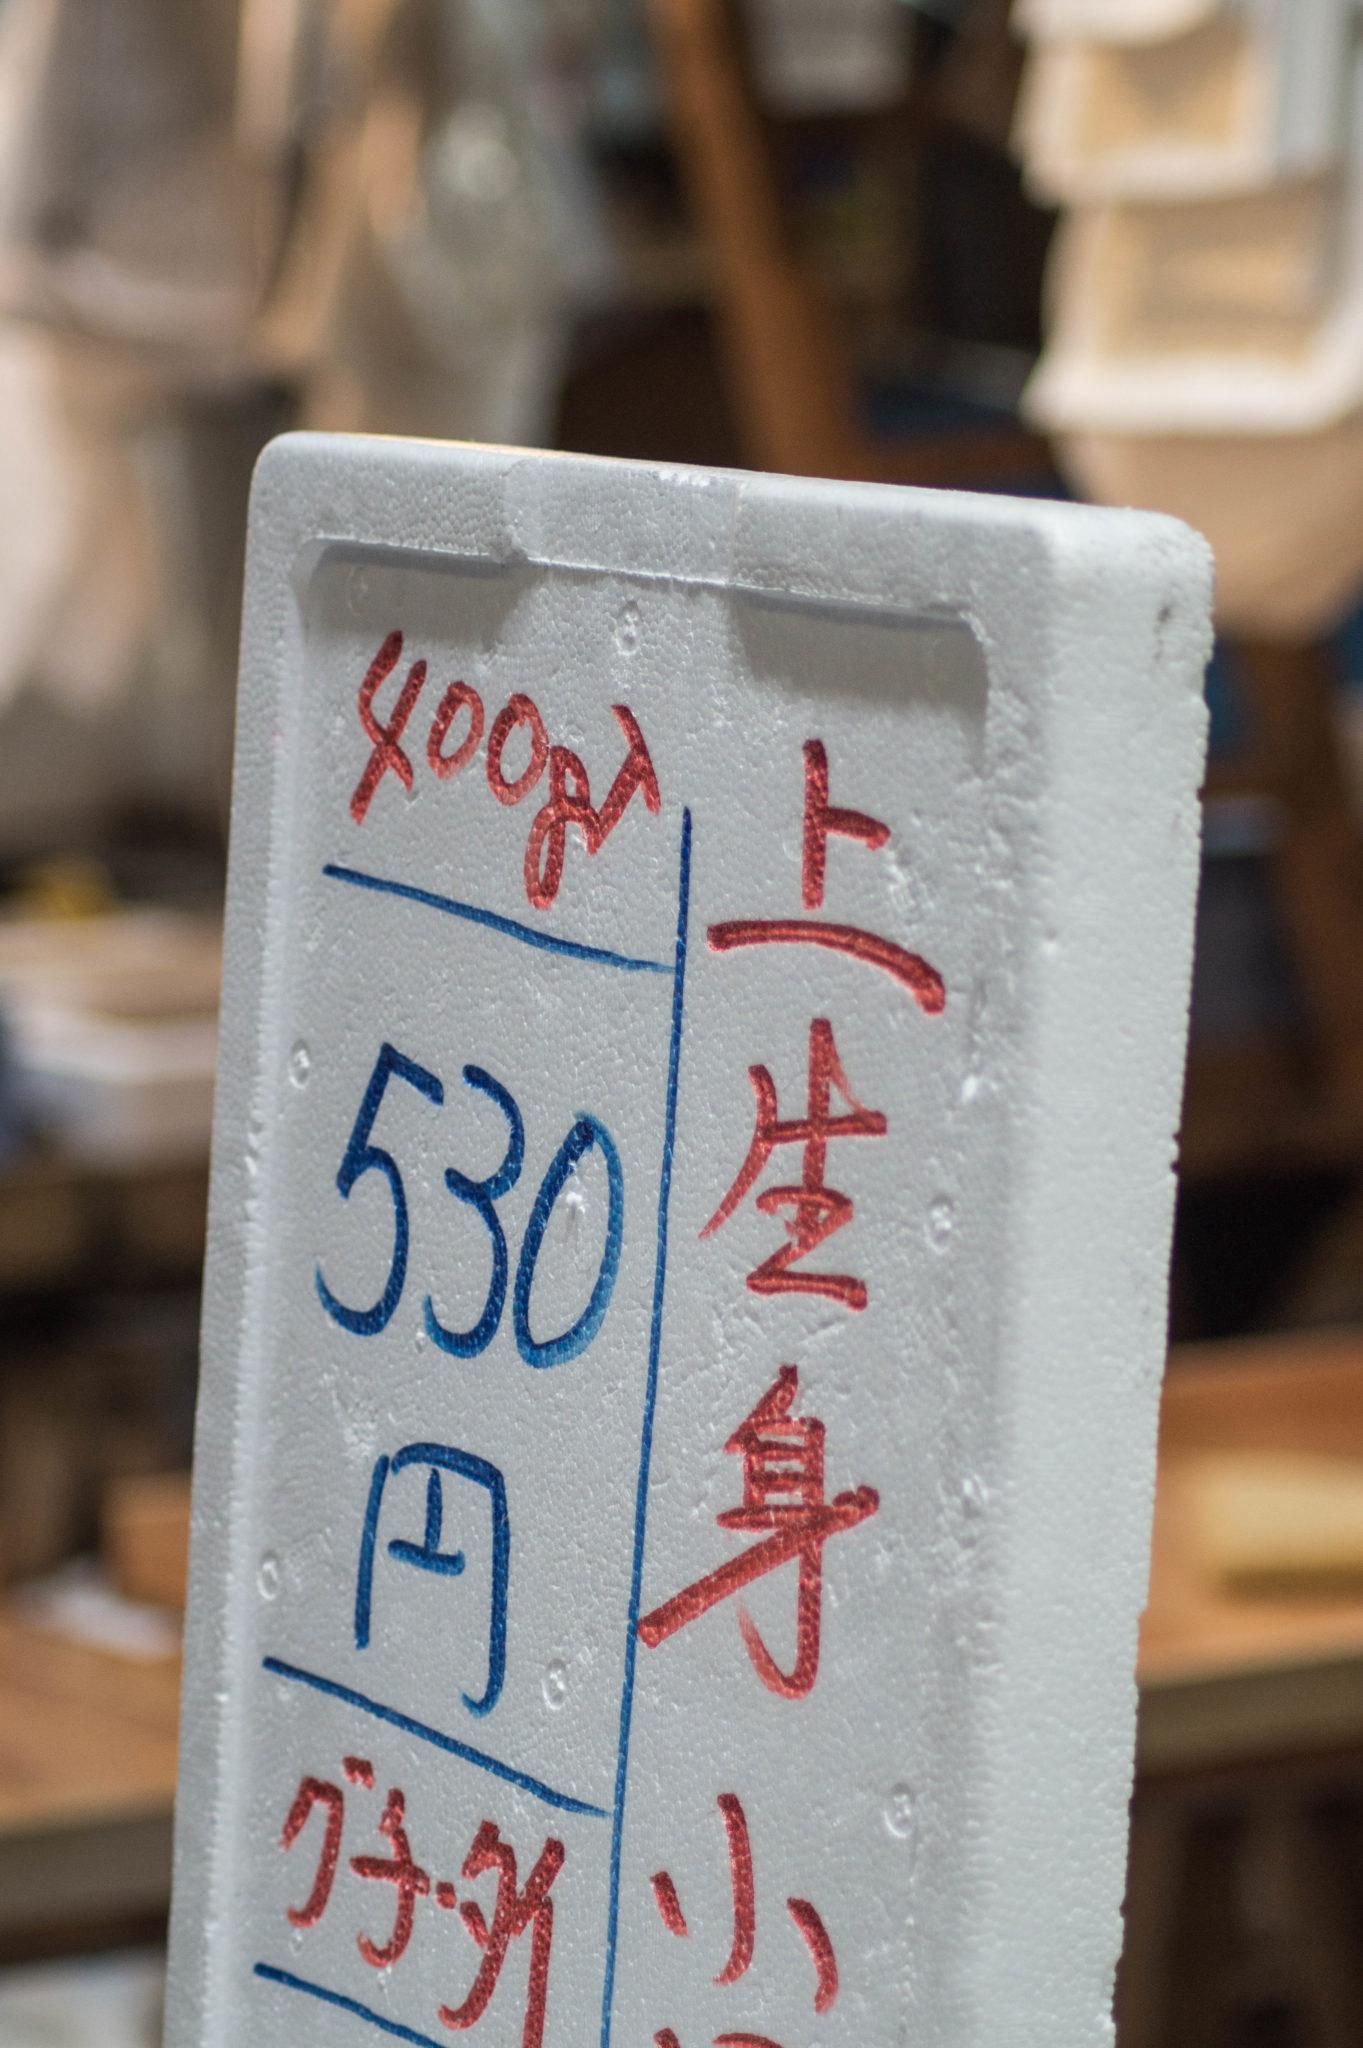 Unsere Tokio Fischmarkt Tipps findet ihr auf Travellers Archive.